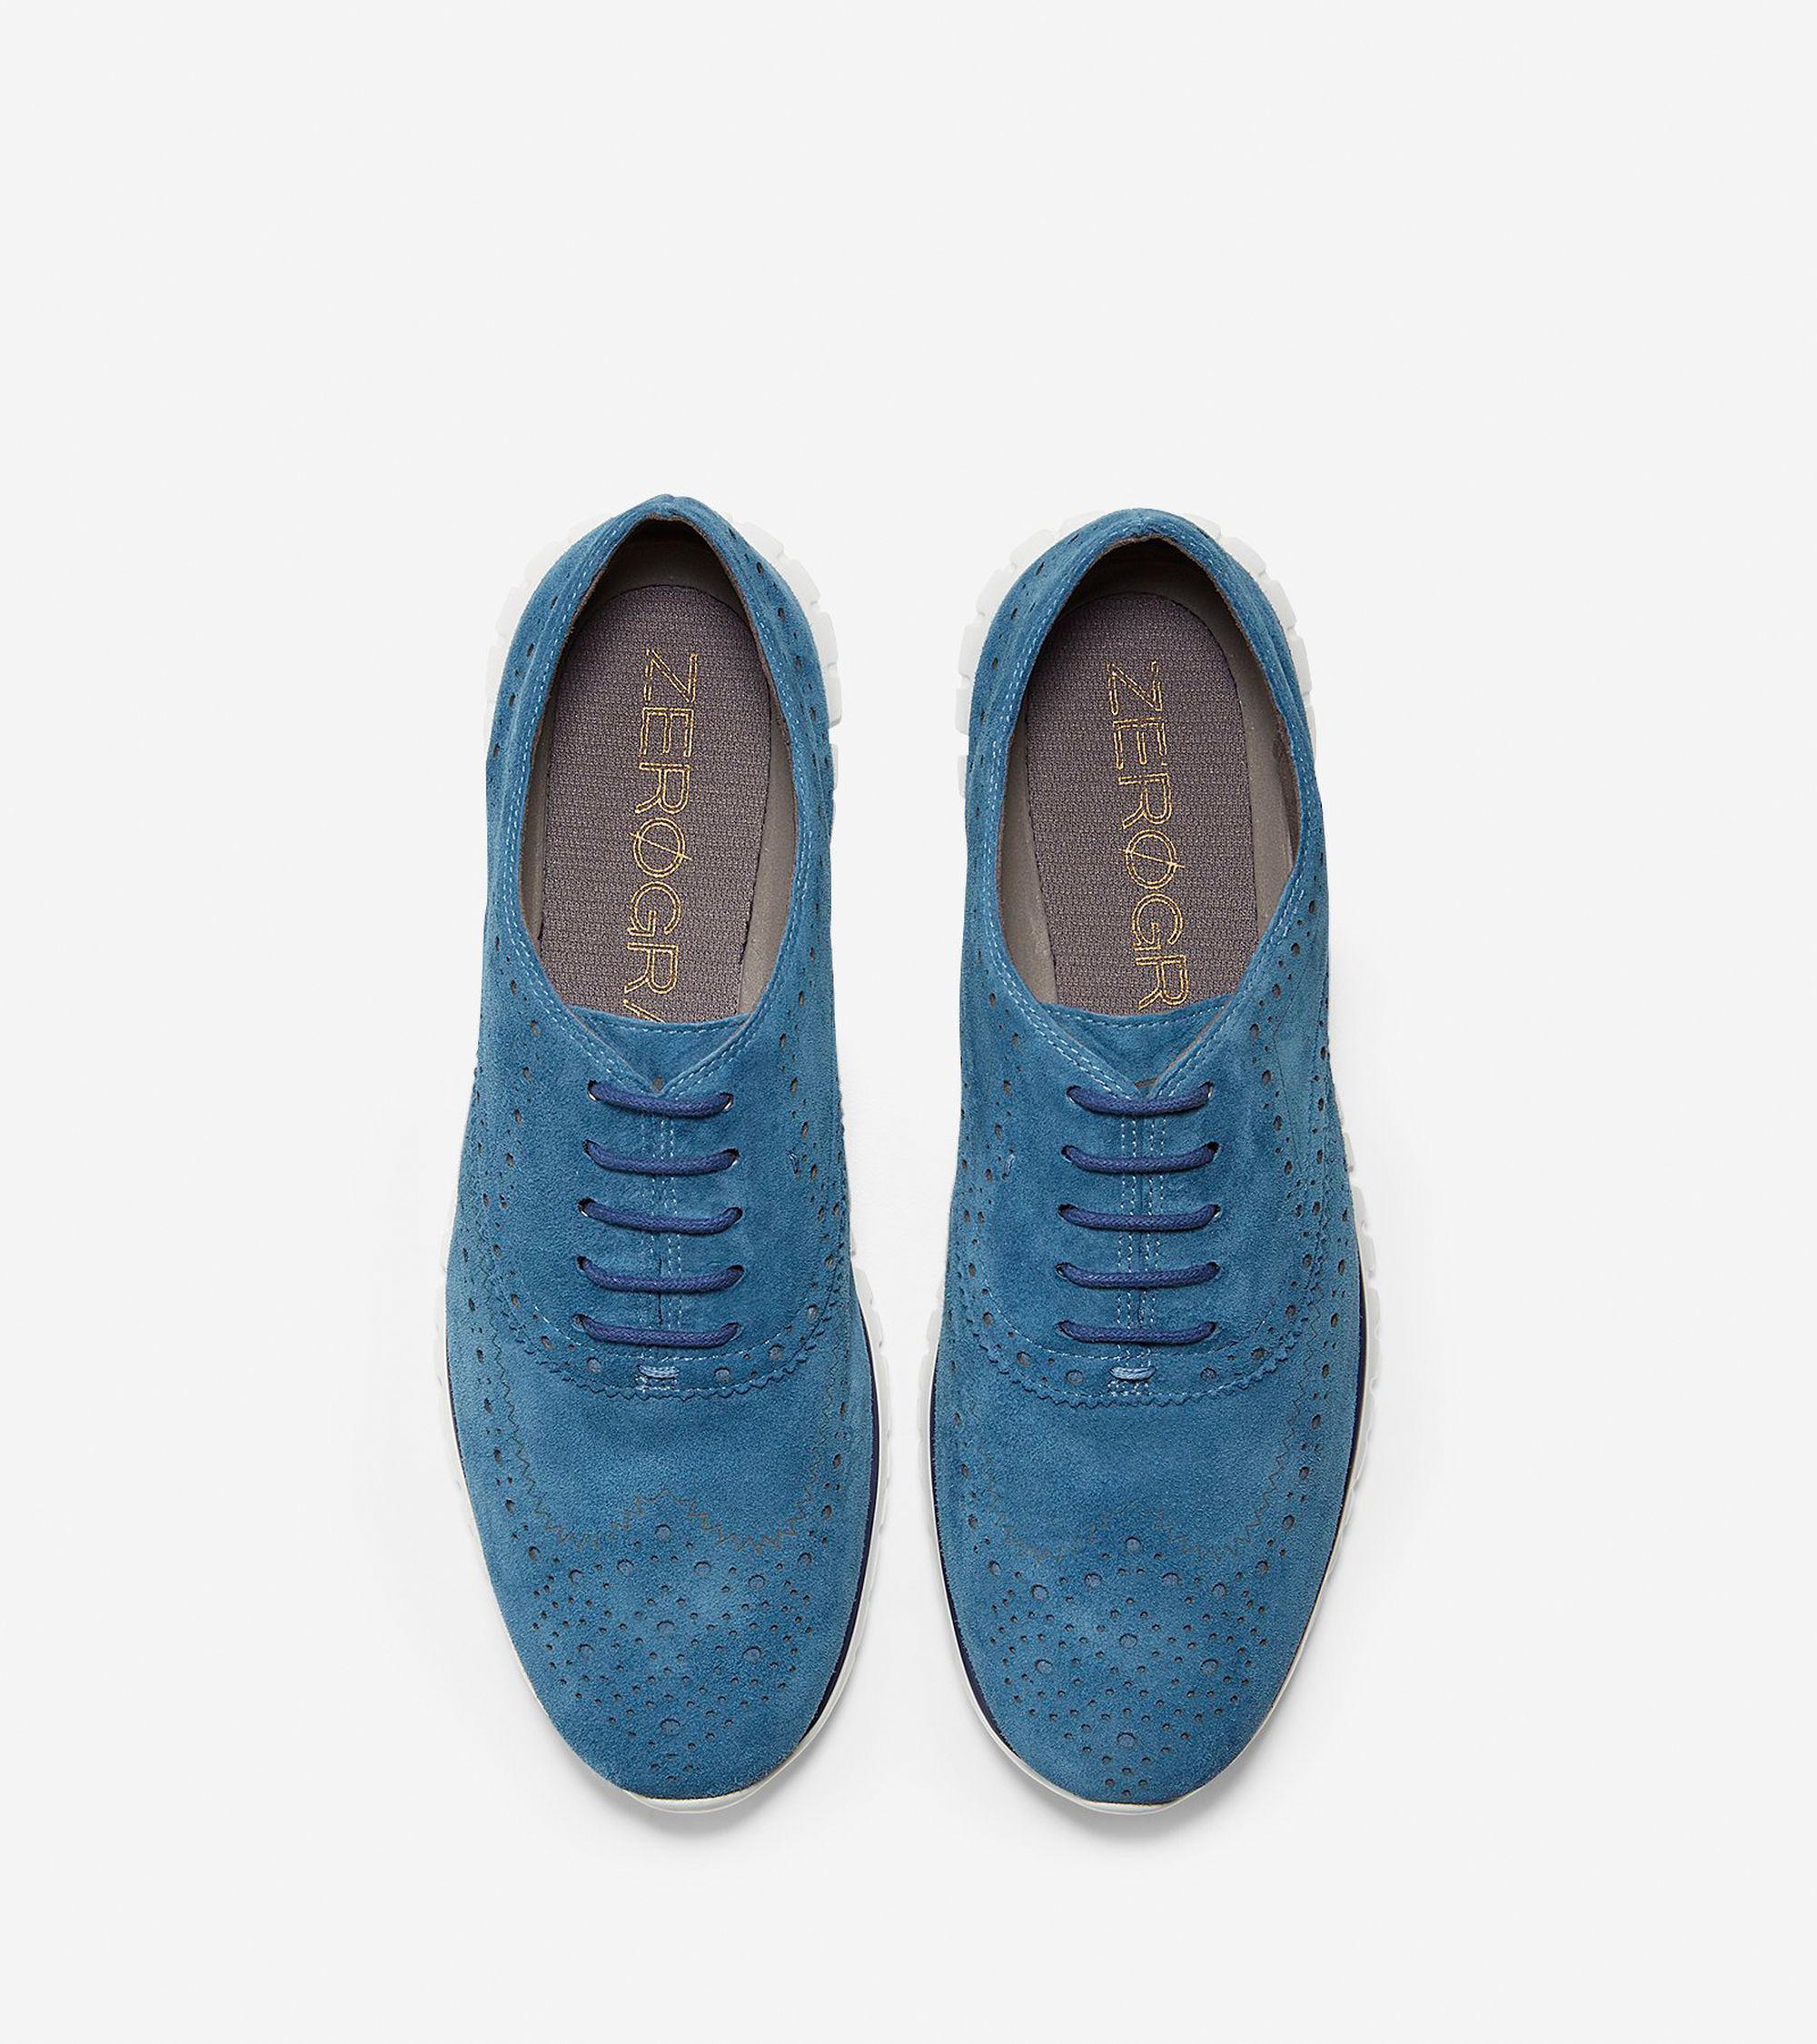 Cole haan Women's Zerøgrand Wingtip Oxford in Blue